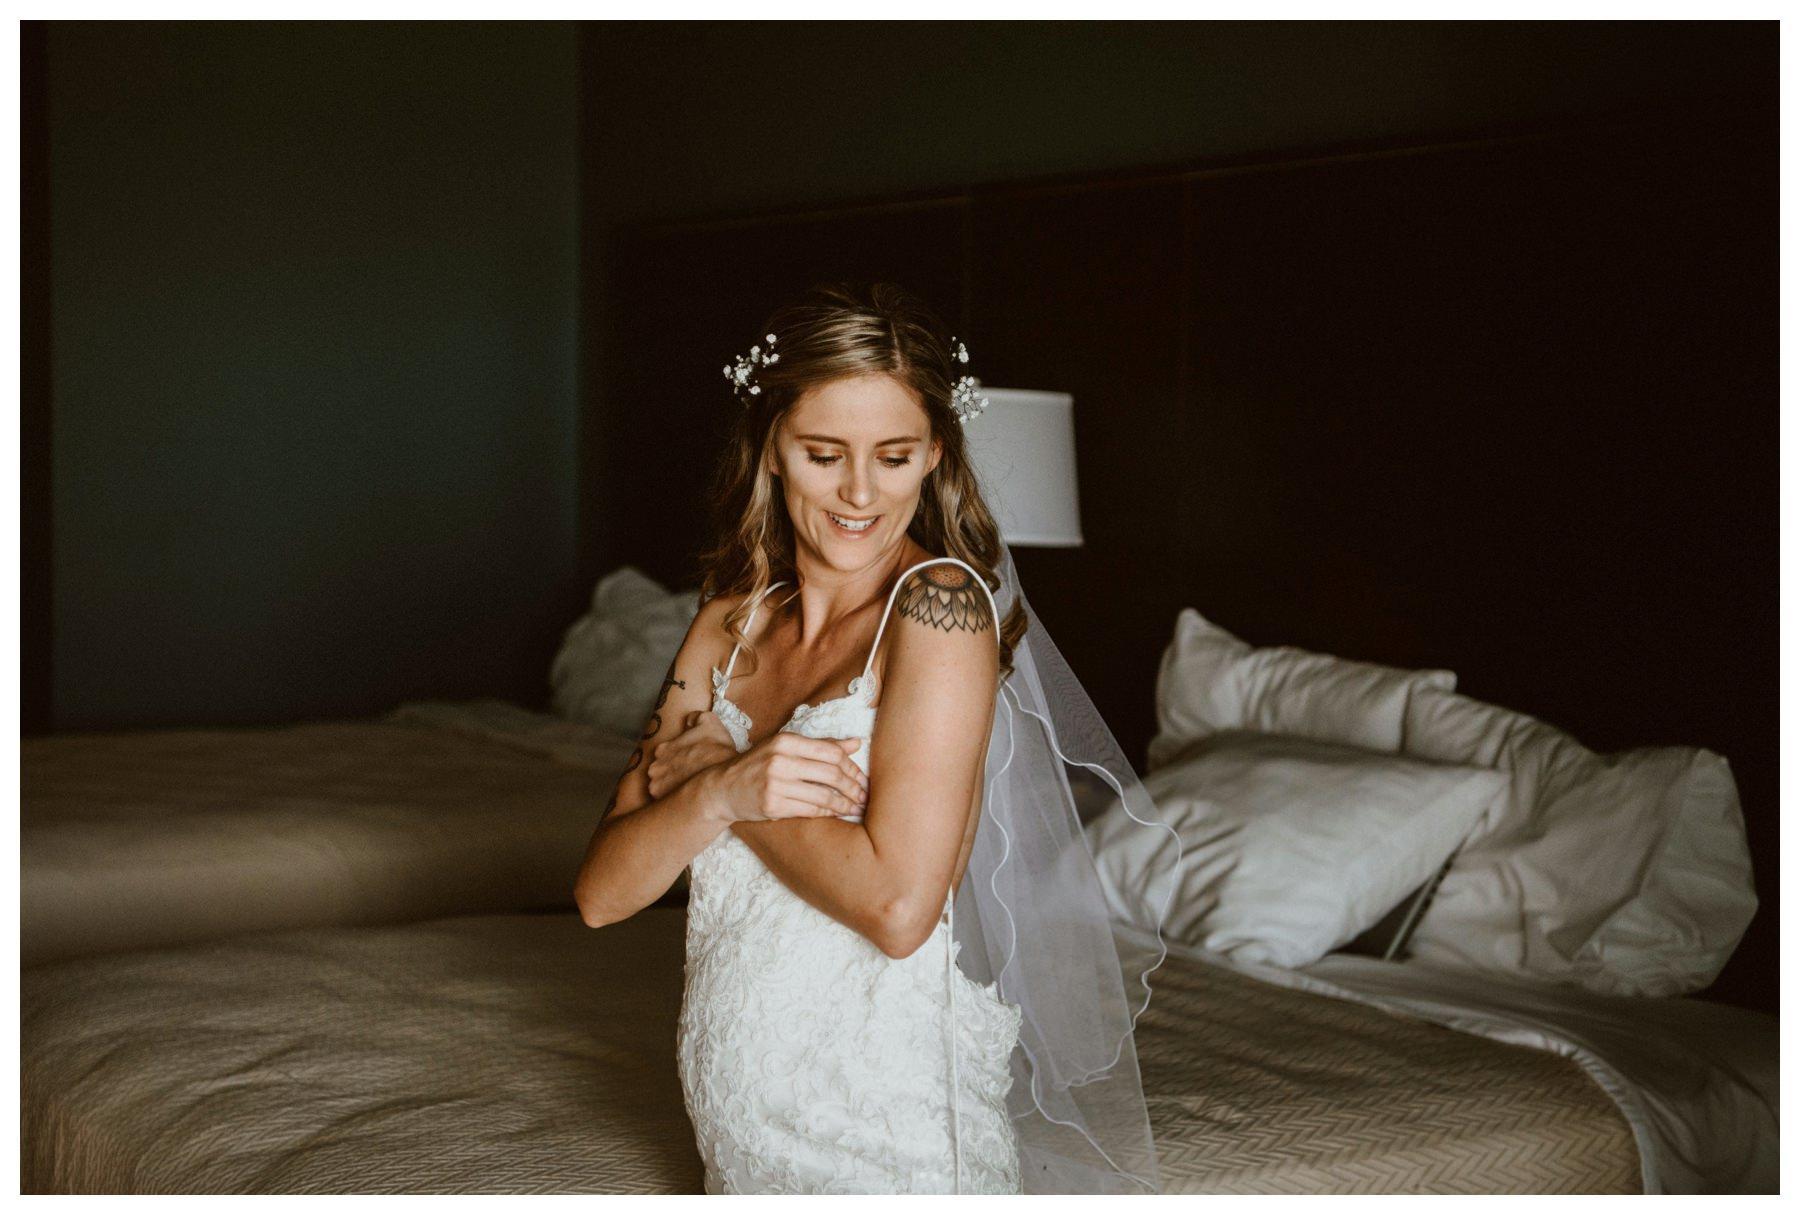 Coronado_Beach_Wedding_Singler_Photography_0006.jpg